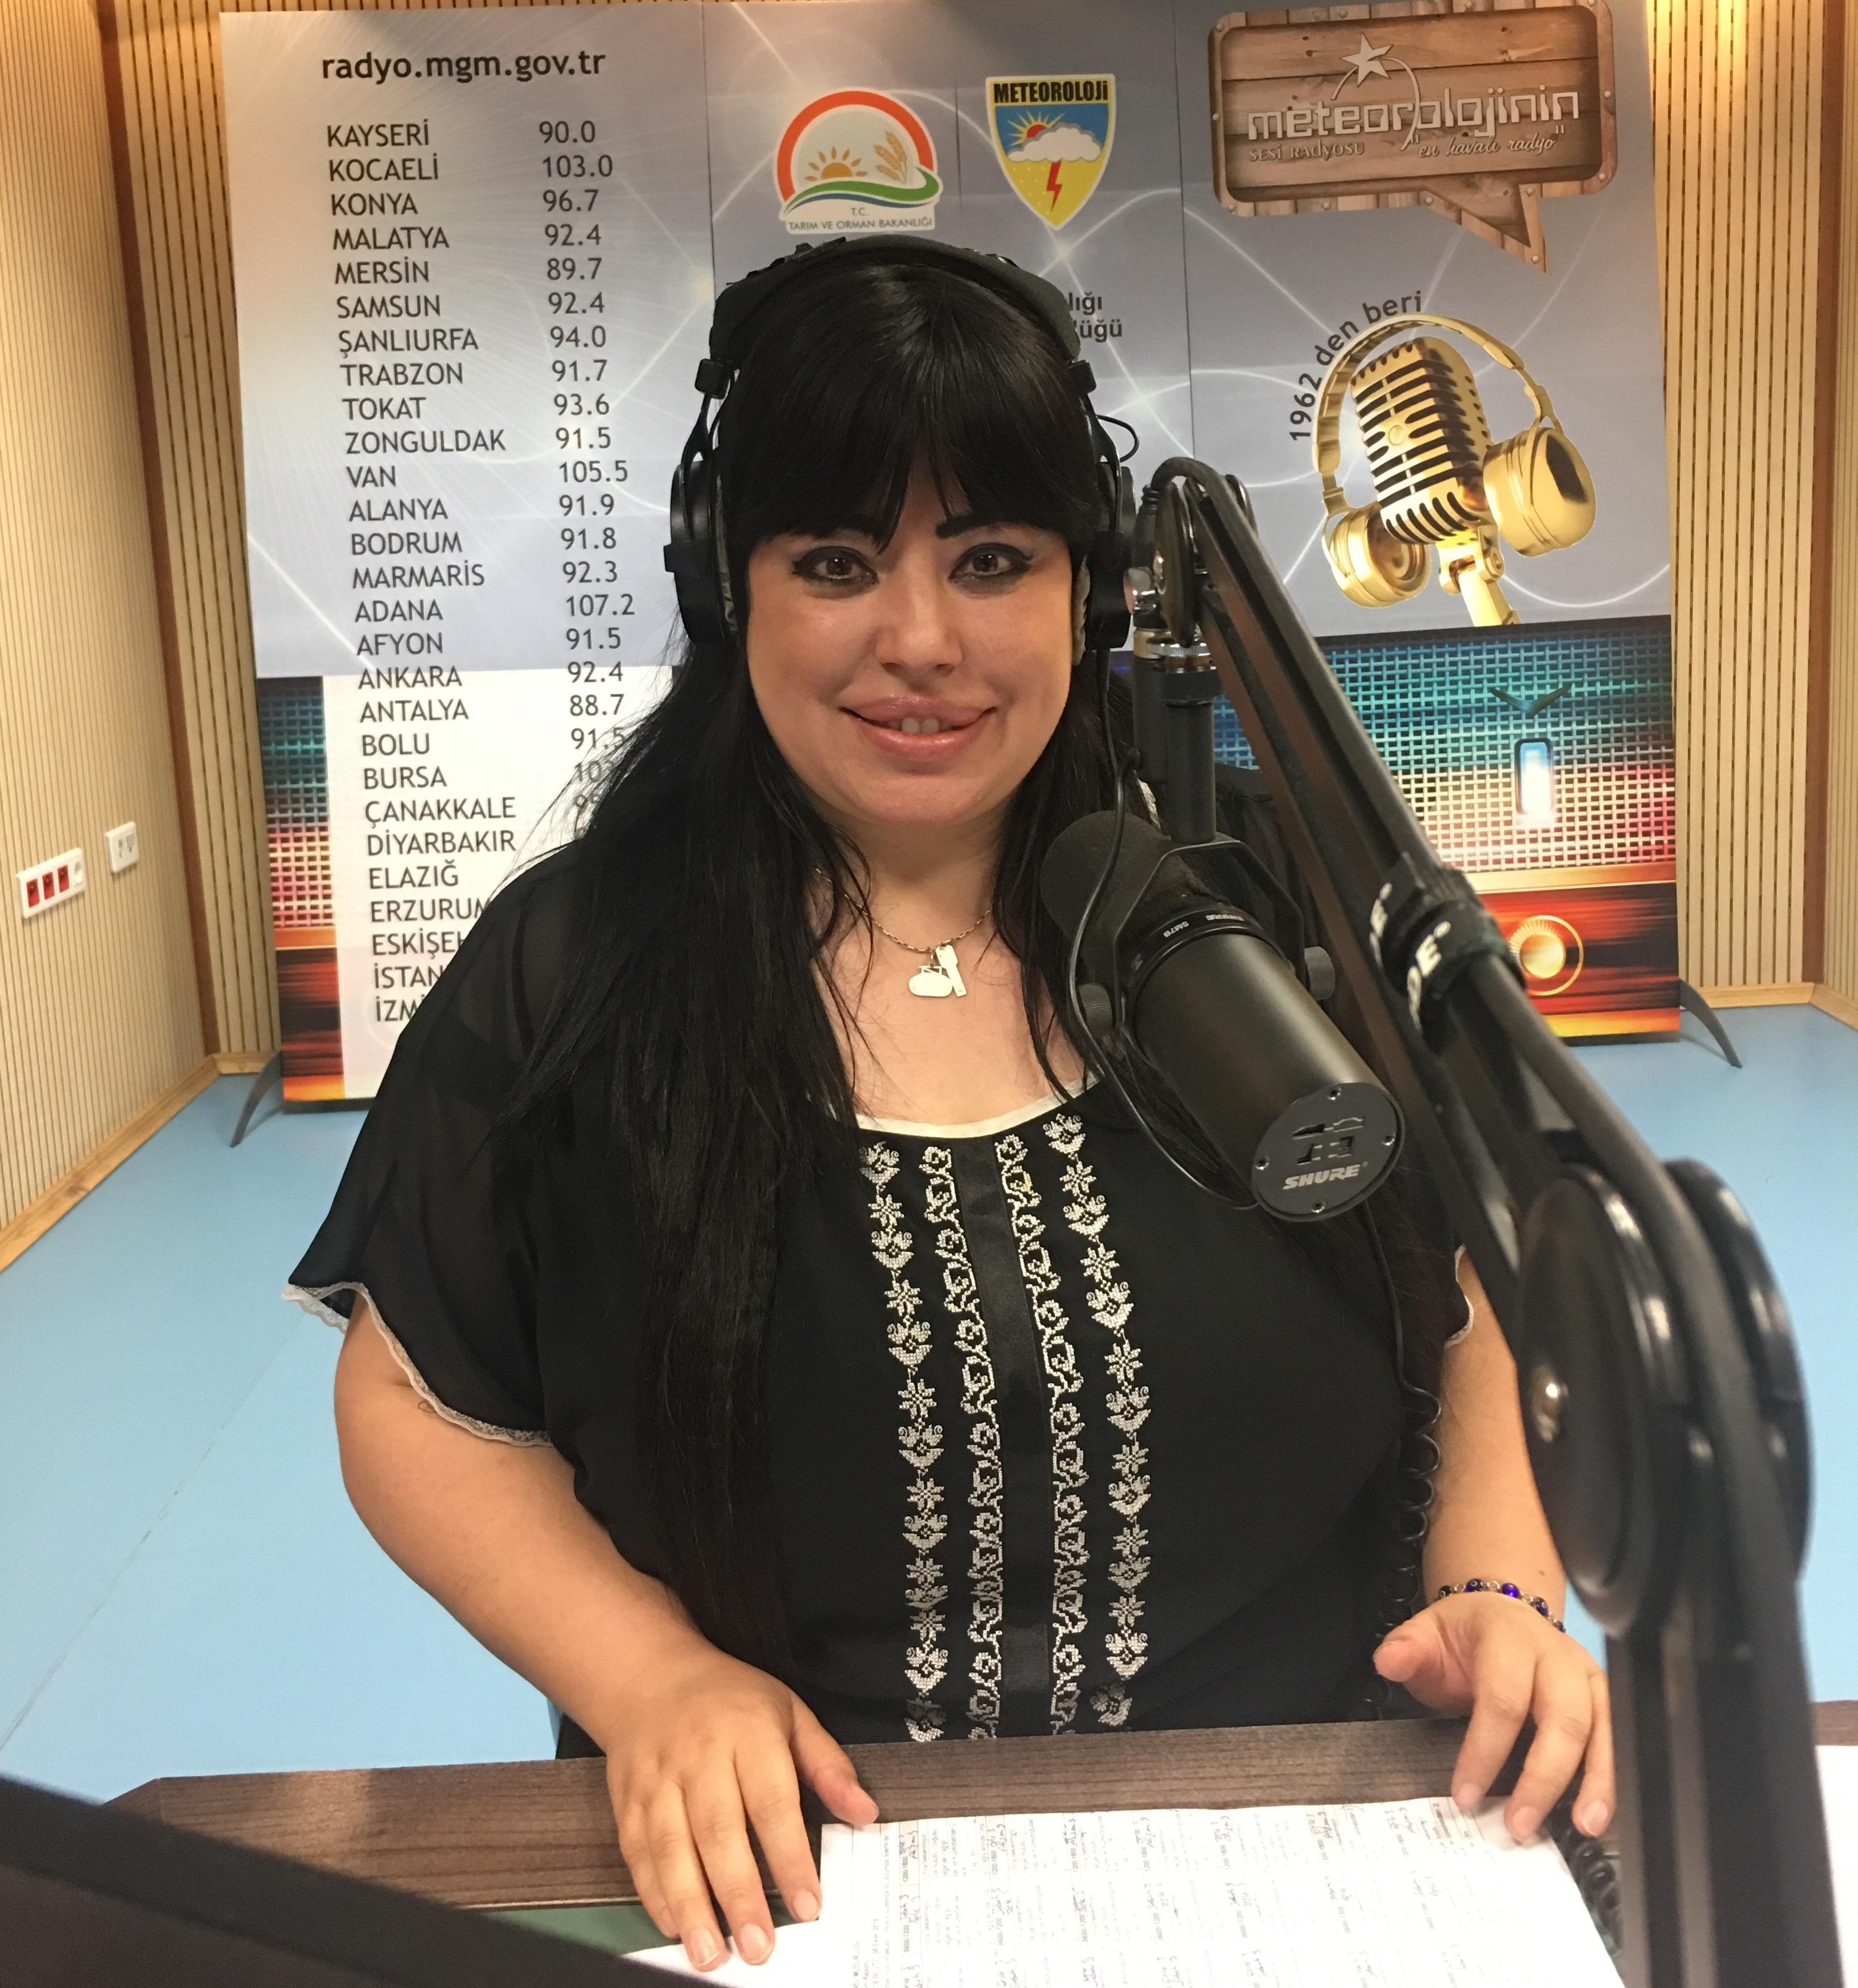 radyo 7 yayın akışı